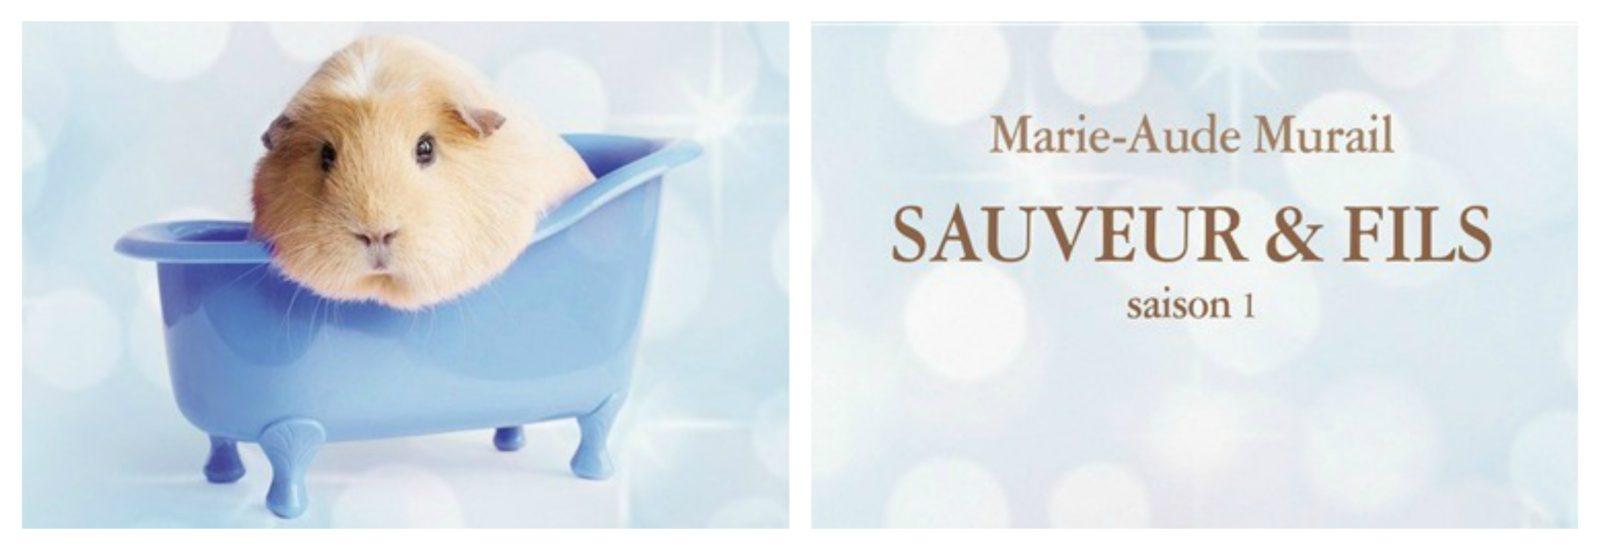 Sauveur & fils – roman pour ado de Marie-Aude Murail